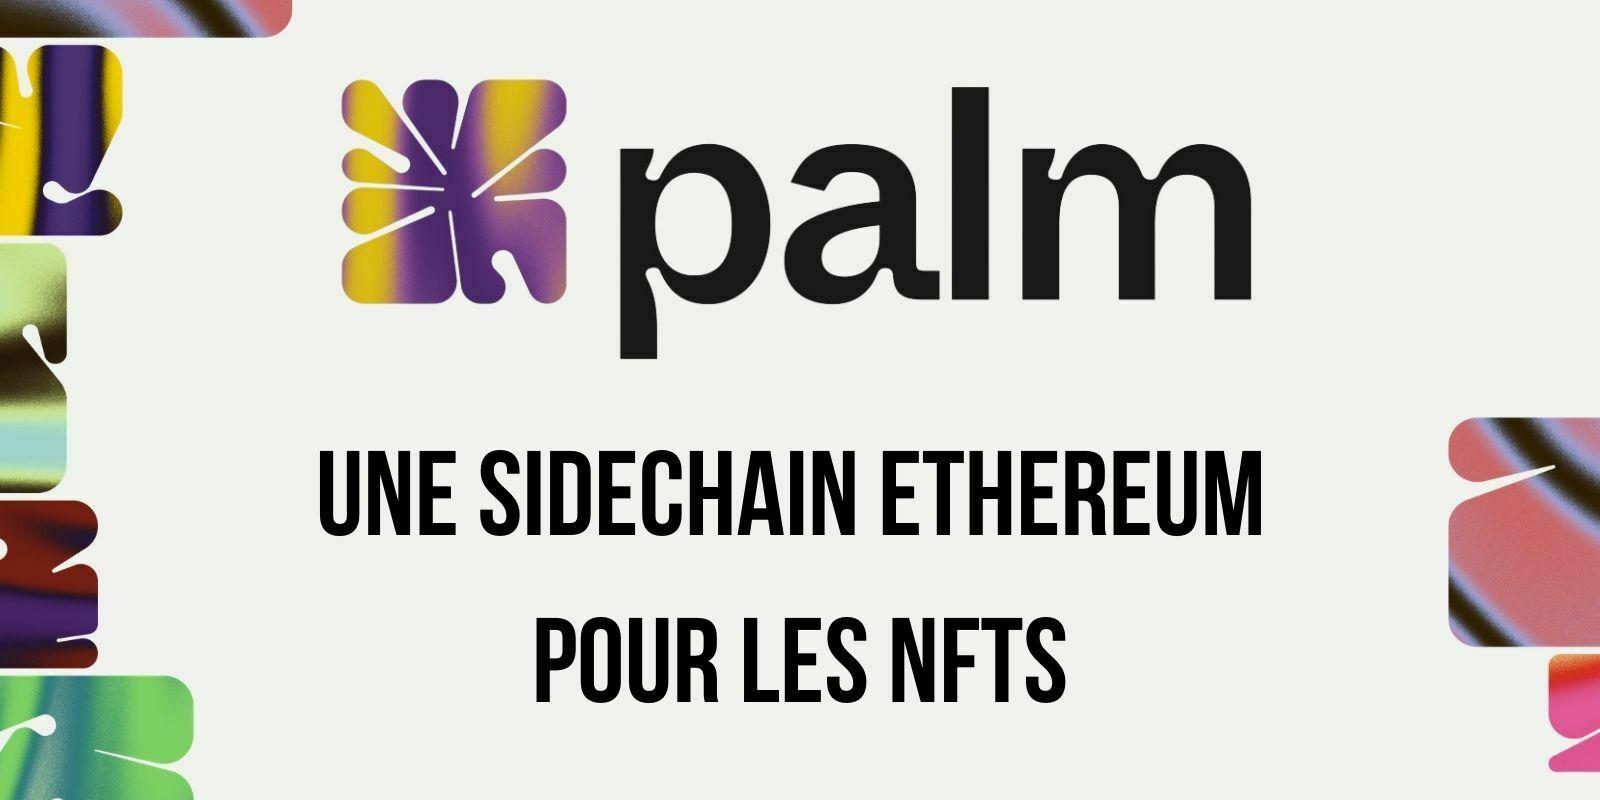 ConsenSys lance Palm, une sidechain Ethereum dédiée aux NFTs - Un futur concurrent pour Flow ?